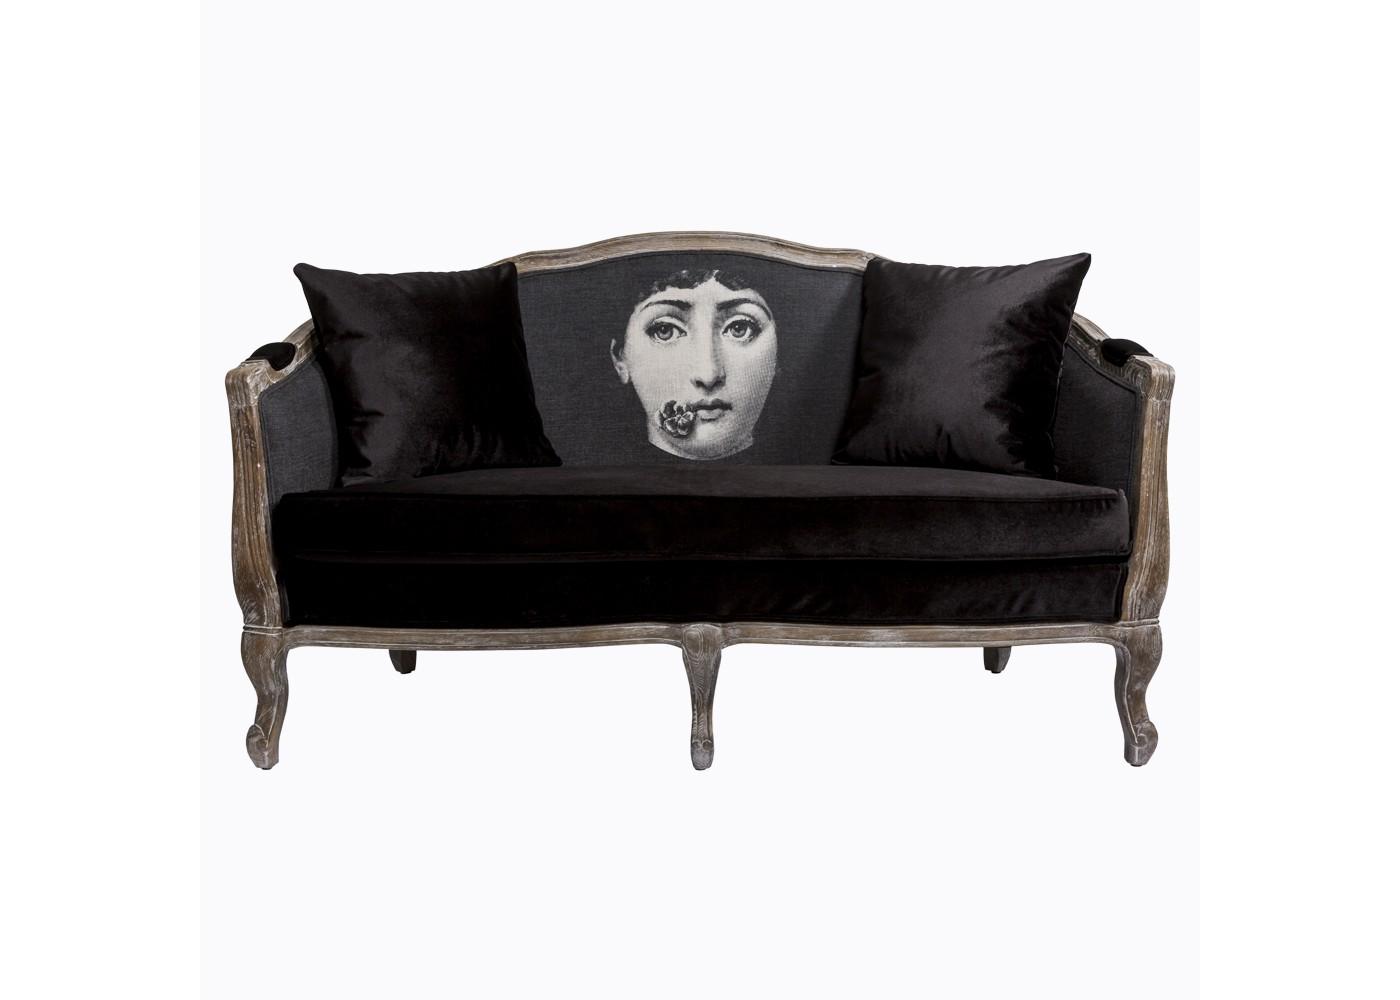 Софа Лина, версия КомплиментДвухместные диваны<br>Дизайн софы &amp;quot;Лина&amp;quot; создан эффектом экстравагантных контрастных сочетаний. Густой бархат сиденья заигрывает с матовым блеском льна и золотистым оттенком натурального дуба, белый рисунок - с черной обивкой, а французский королевский корпус - с портретом в жанре современного поп-арта. Удивляясь дизайном, не сомневайтесь в качестве, ведь основа софы создана из натурального дуба, - самого прочного и долговечного мебельного материала.Софа &amp;quot;Лина&amp;quot; - универсальное, но отборное решение гостиной комнаты, каминного зала, холла, кабинета и спальни.<br>В наши дни эклектика настолько популярна, что выделена экспертами в самостоятельный интерьерный жанр. Софа &amp;quot;Лина&amp;quot; - эталонный экземпляр эклектики, совместившей дворцовый стиль эпохи Луи-Филиппа с рисунком в манере Энди Уорхола. Столь смелое решение обещает Вам соседство модели &amp;quot;Комплимент&amp;quot; со многими классическими и авангардными жанрами, от &amp;quot;ампира&amp;quot; до &amp;quot;лофта&amp;quot;.<br>В комплект софы входят две однотонные подушки. Советуем Вам дополнить их ещё парой декоративных подушечек из коллекционной серии. Их шелковистая льняная ткань идеально сочетает со спинкой софы, а черно-белый рисунок составит безупречную гармонию диванной обивке. К тому же, любимая софа станет вдвое мягче, теплее и уютнее.<br>Боковые ножки подражают древней дворцовой манере &amp;quot;кабриоли&amp;quot;. Грациозный &amp;quot;танцующий&amp;quot; изгиб облегчает мебель визуально.<br>Корпус софы изготовлен из натурального дуба. Древесина дуба отличается прочностью, крепостью и твёрдостью.<br>Деревянные поверхности дивана брашированы, обнажая природный цвет и фактуру древесины, но придавая мебели дизайнерский изыск. Нанесенная вручную патина смягчает цвета, играя плавными пастельными оттенками.<br>Сиденье, укрепленное подвеской из эластичных ремней, обладает прочностью и истинным комфортом.<br>Обивка оснащена тефлоновым по